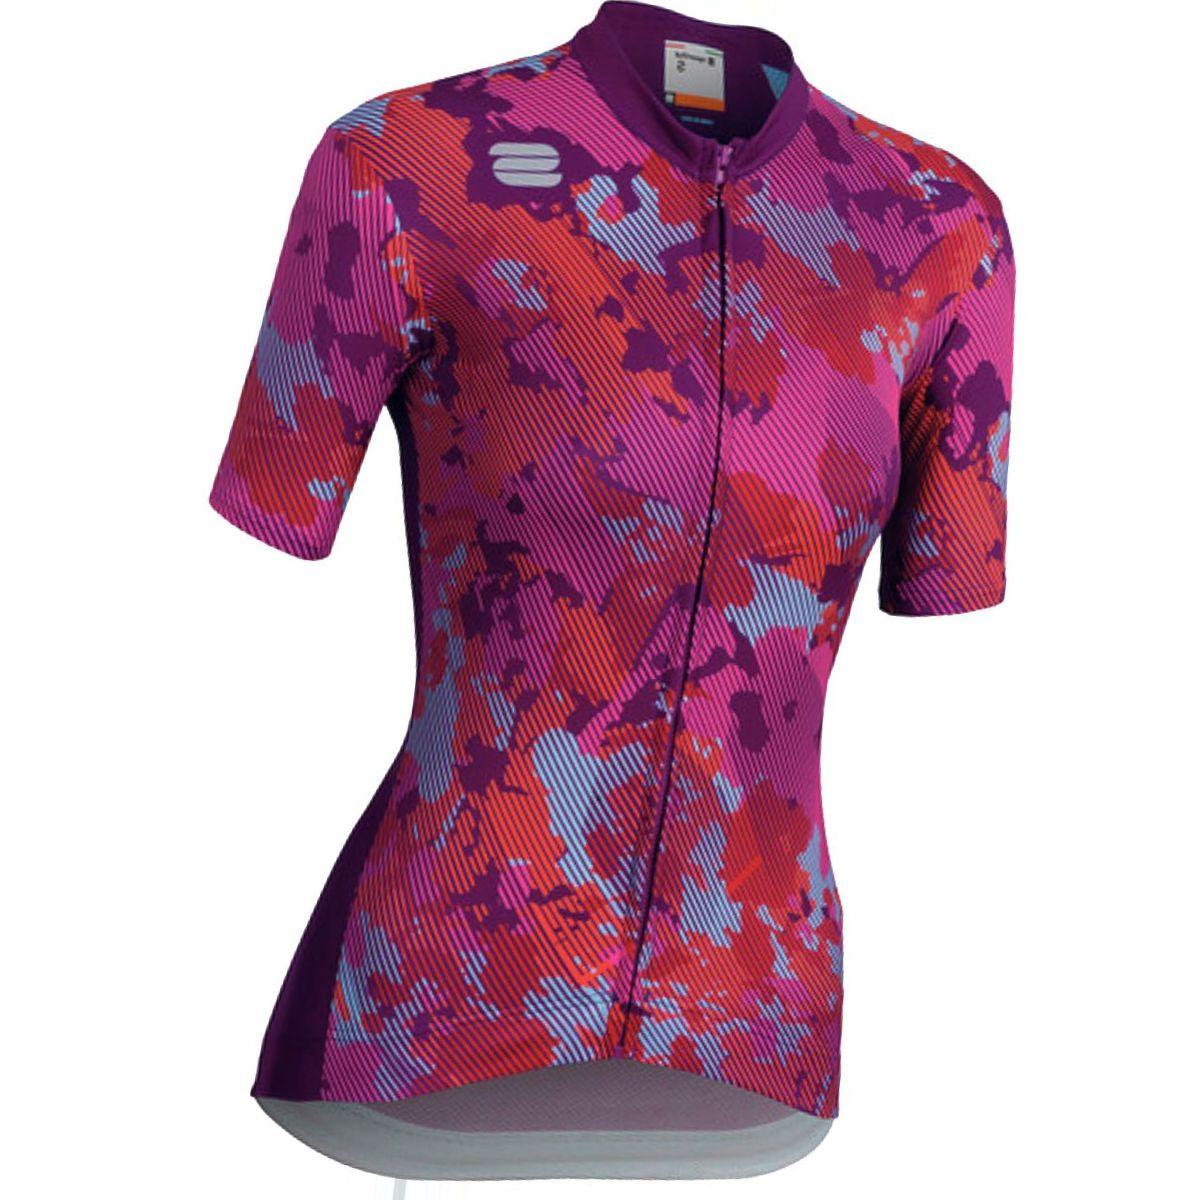 Sportful Loto Jersey - Women's